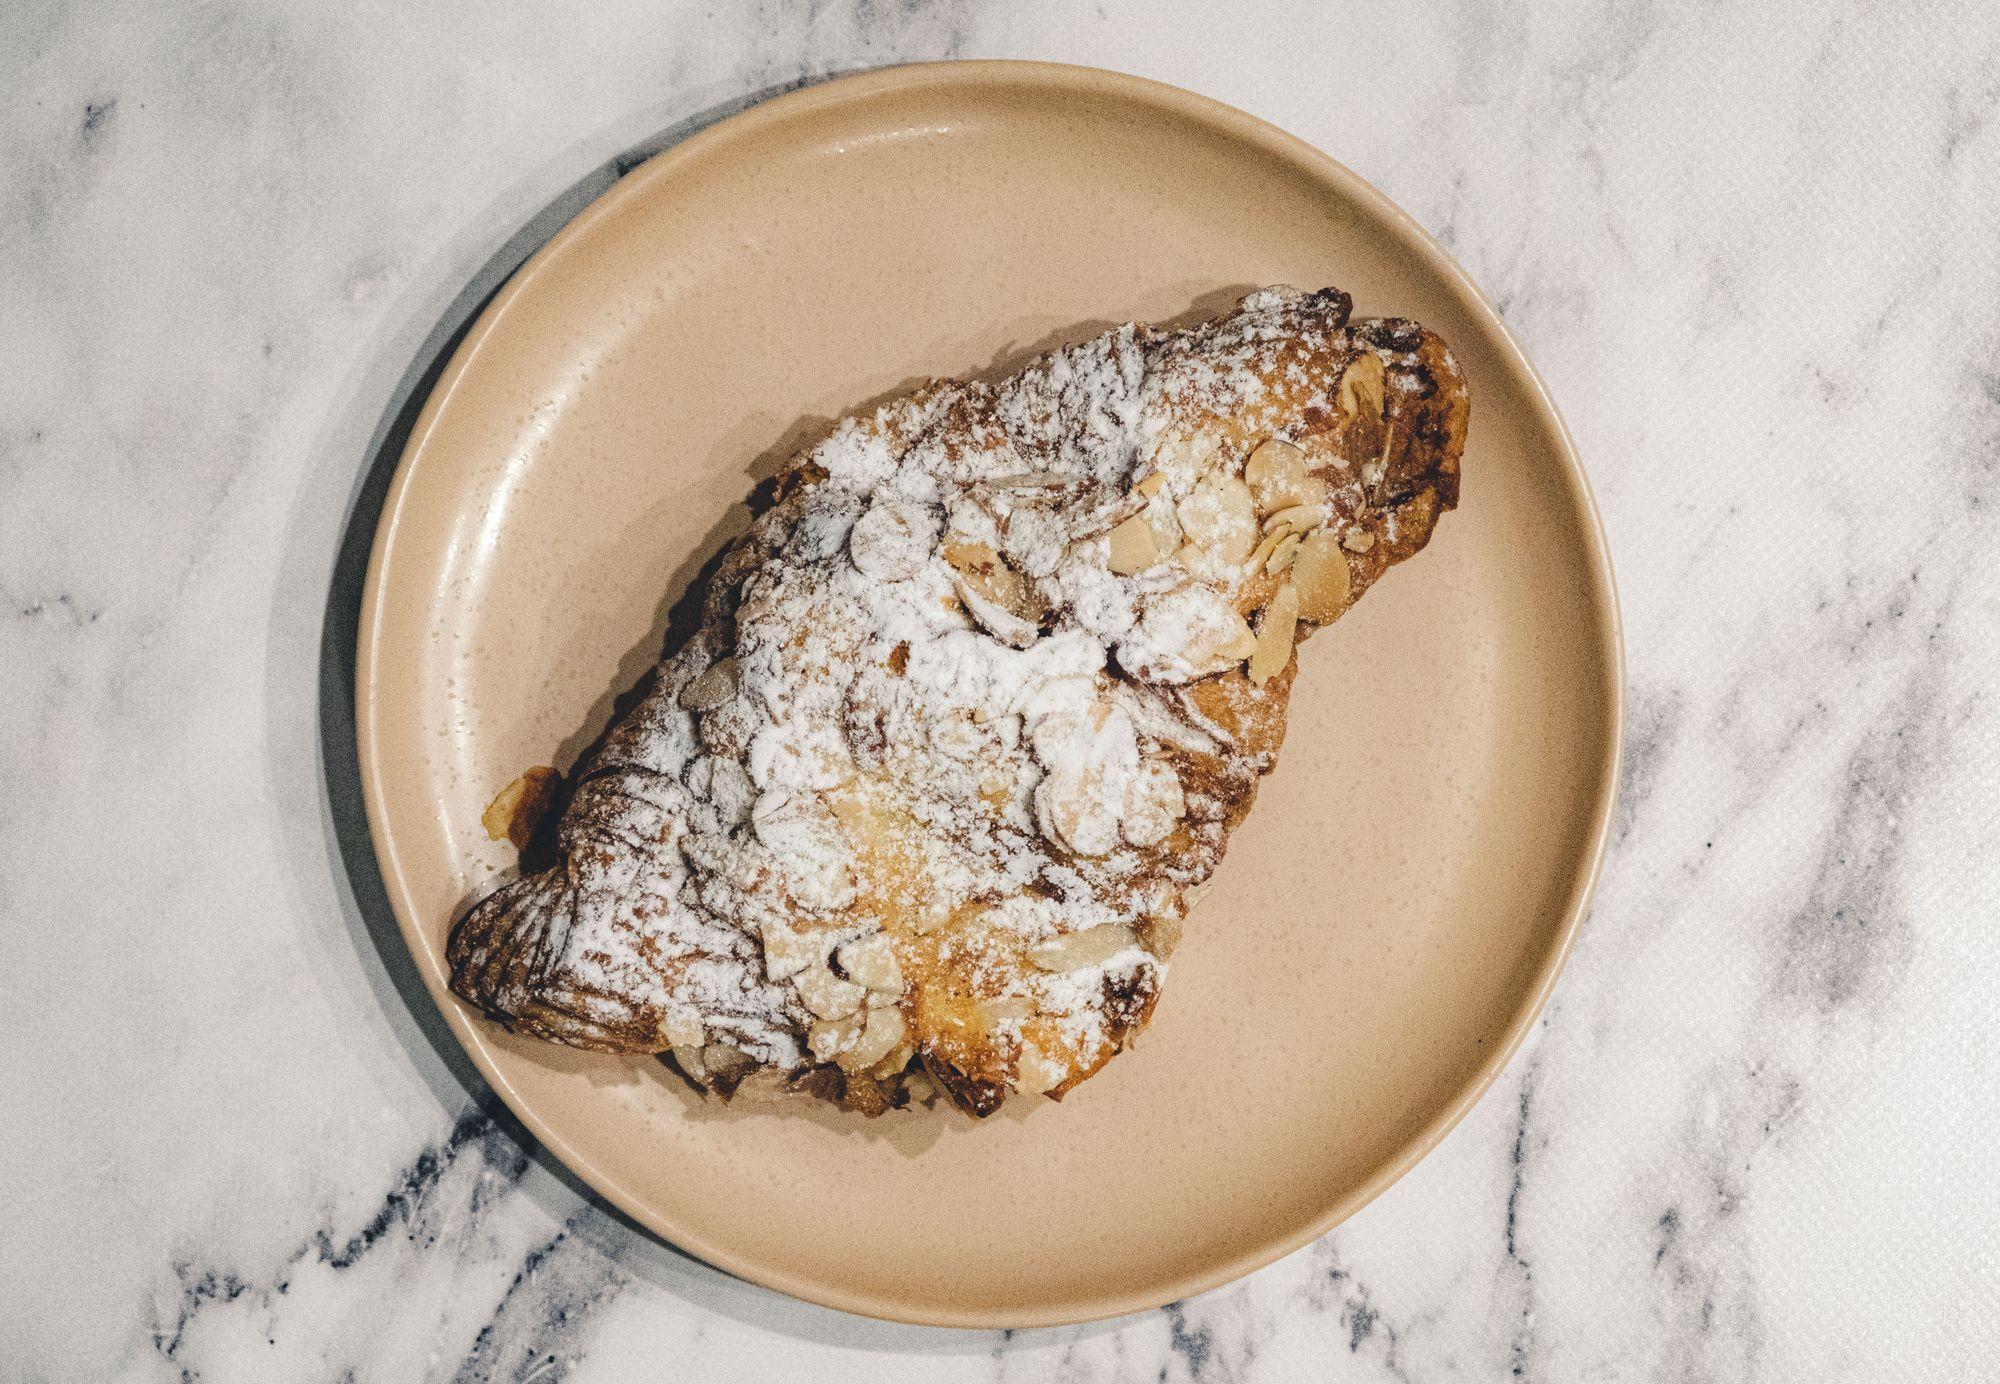 La Forêt Almond Croissant ($4.75) - Overhead